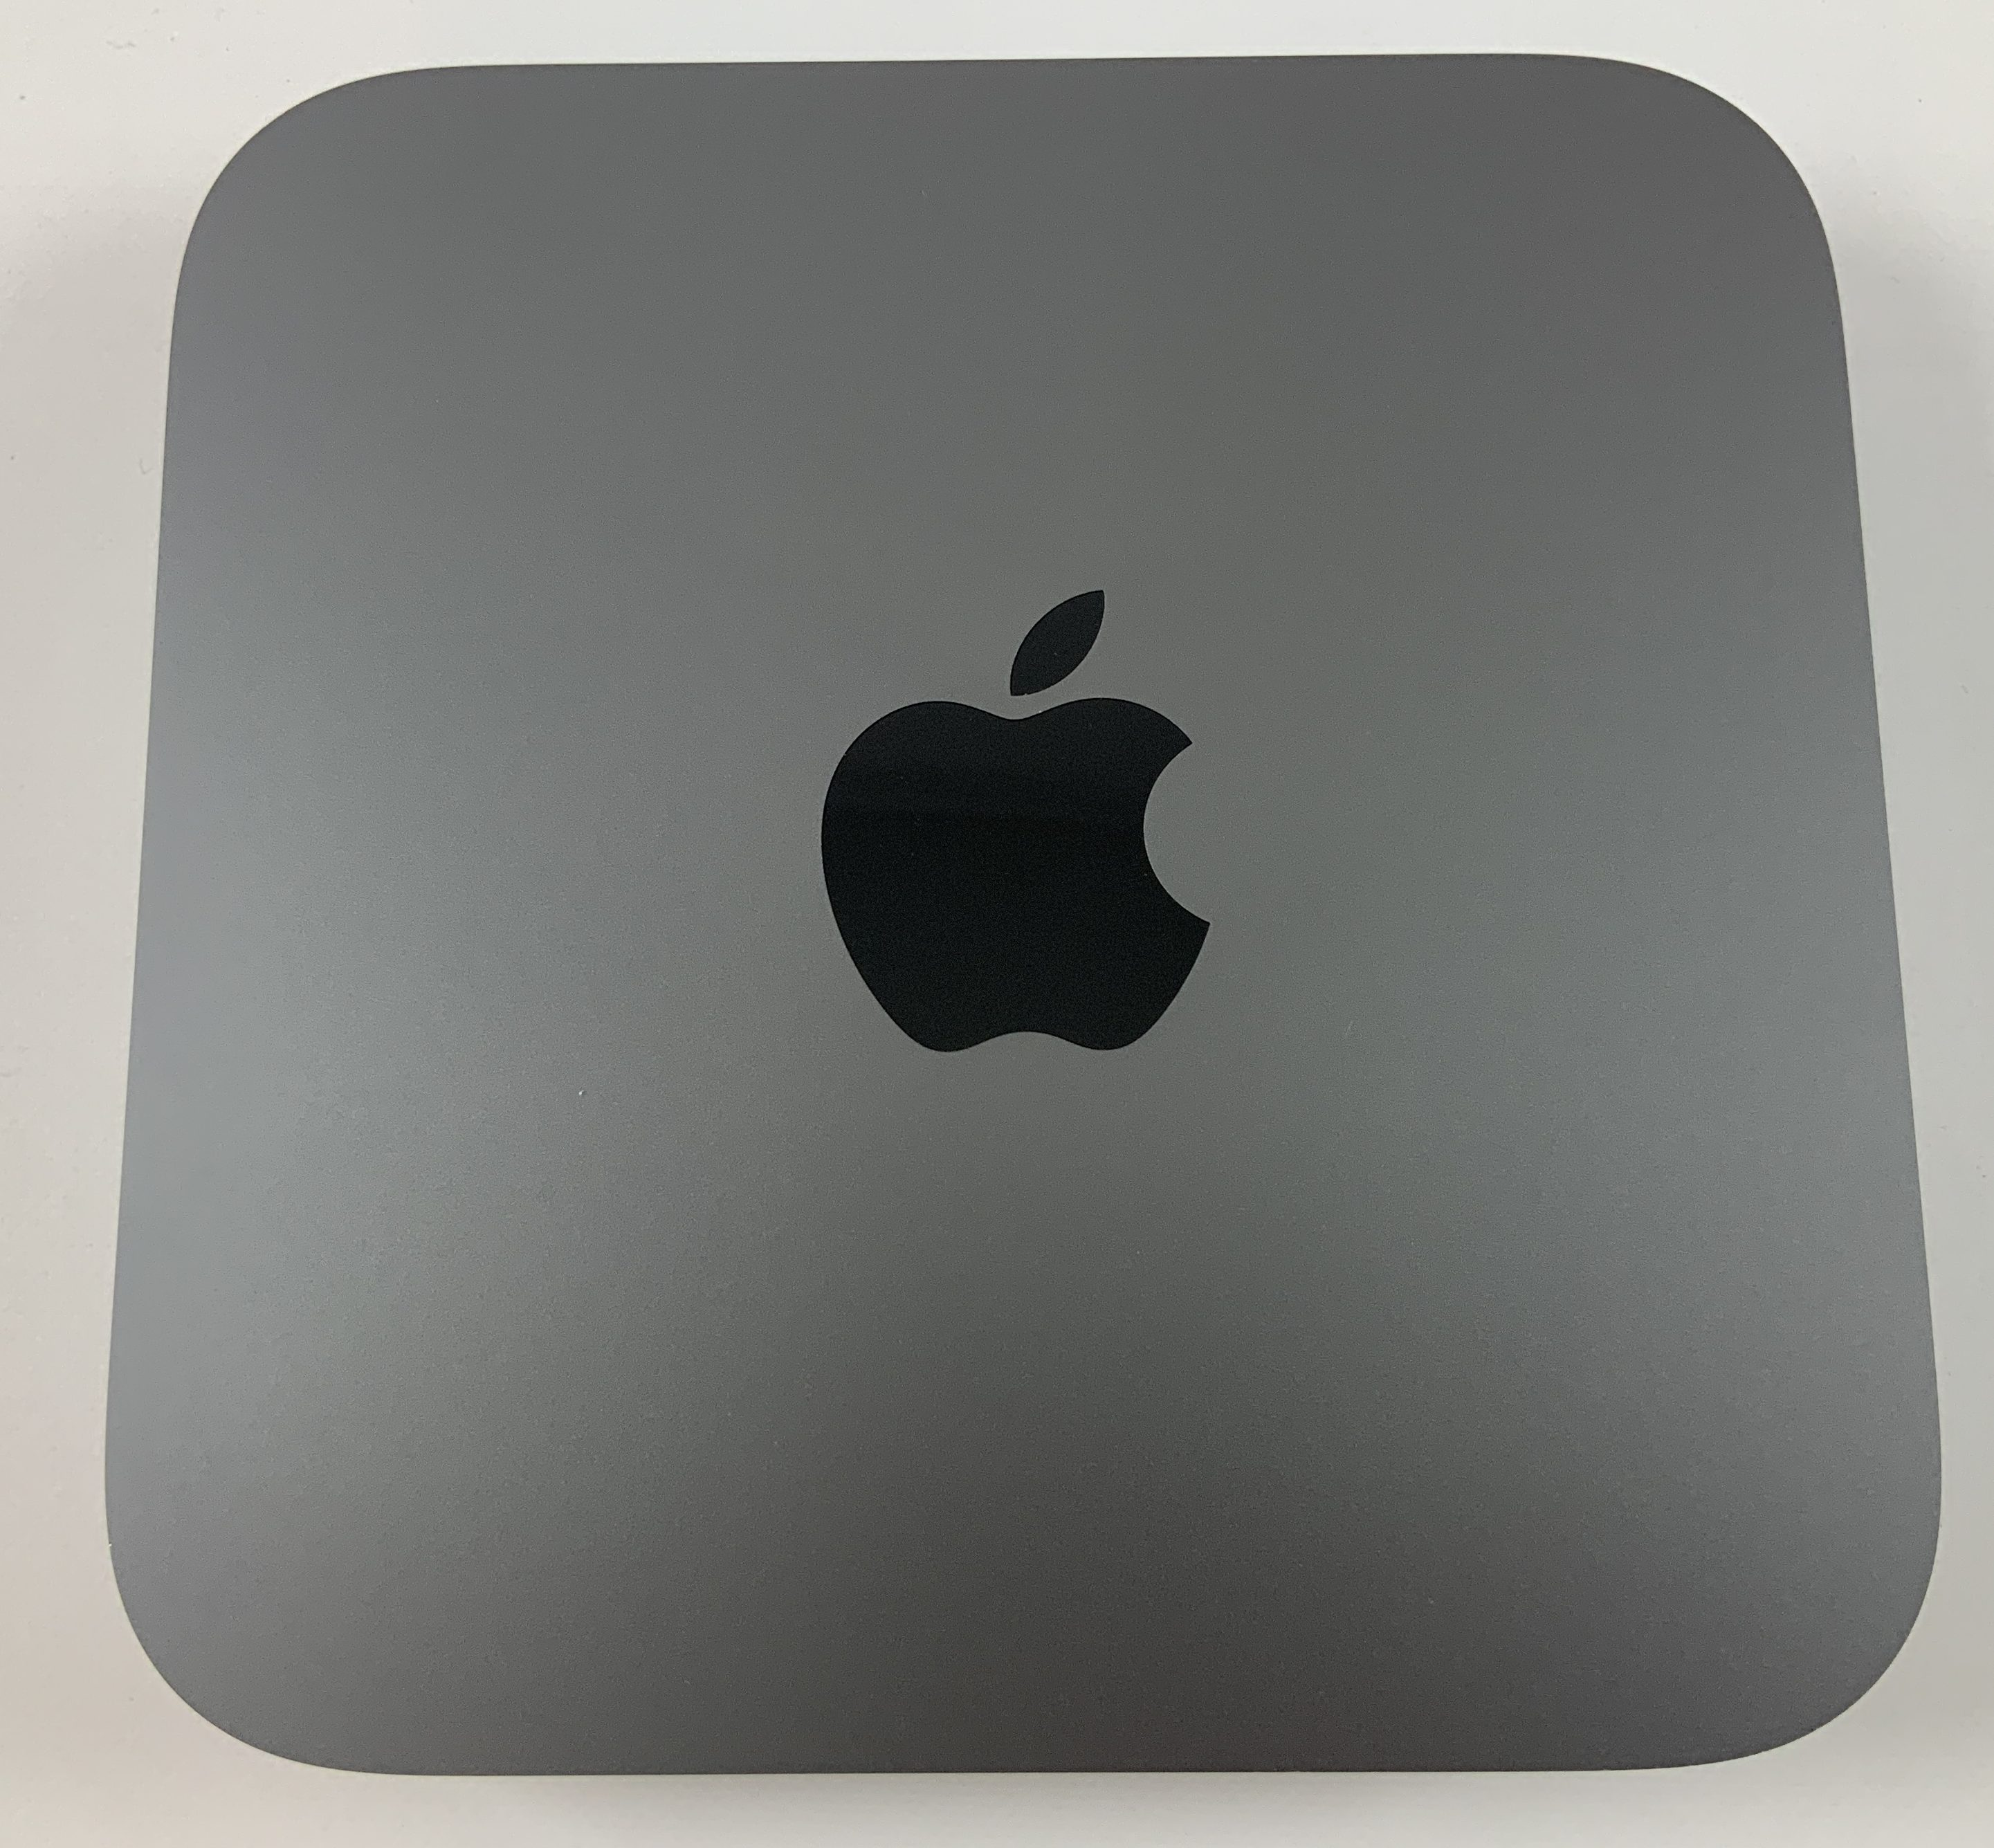 Mac Mini Late 2018 (Intel Quad-Core i3 3.6 GHz 8 GB RAM 128 GB SSD), Intel Quad-Core i3 3.6 GHz, 8 GB RAM, 128 GB SSD, bild 4